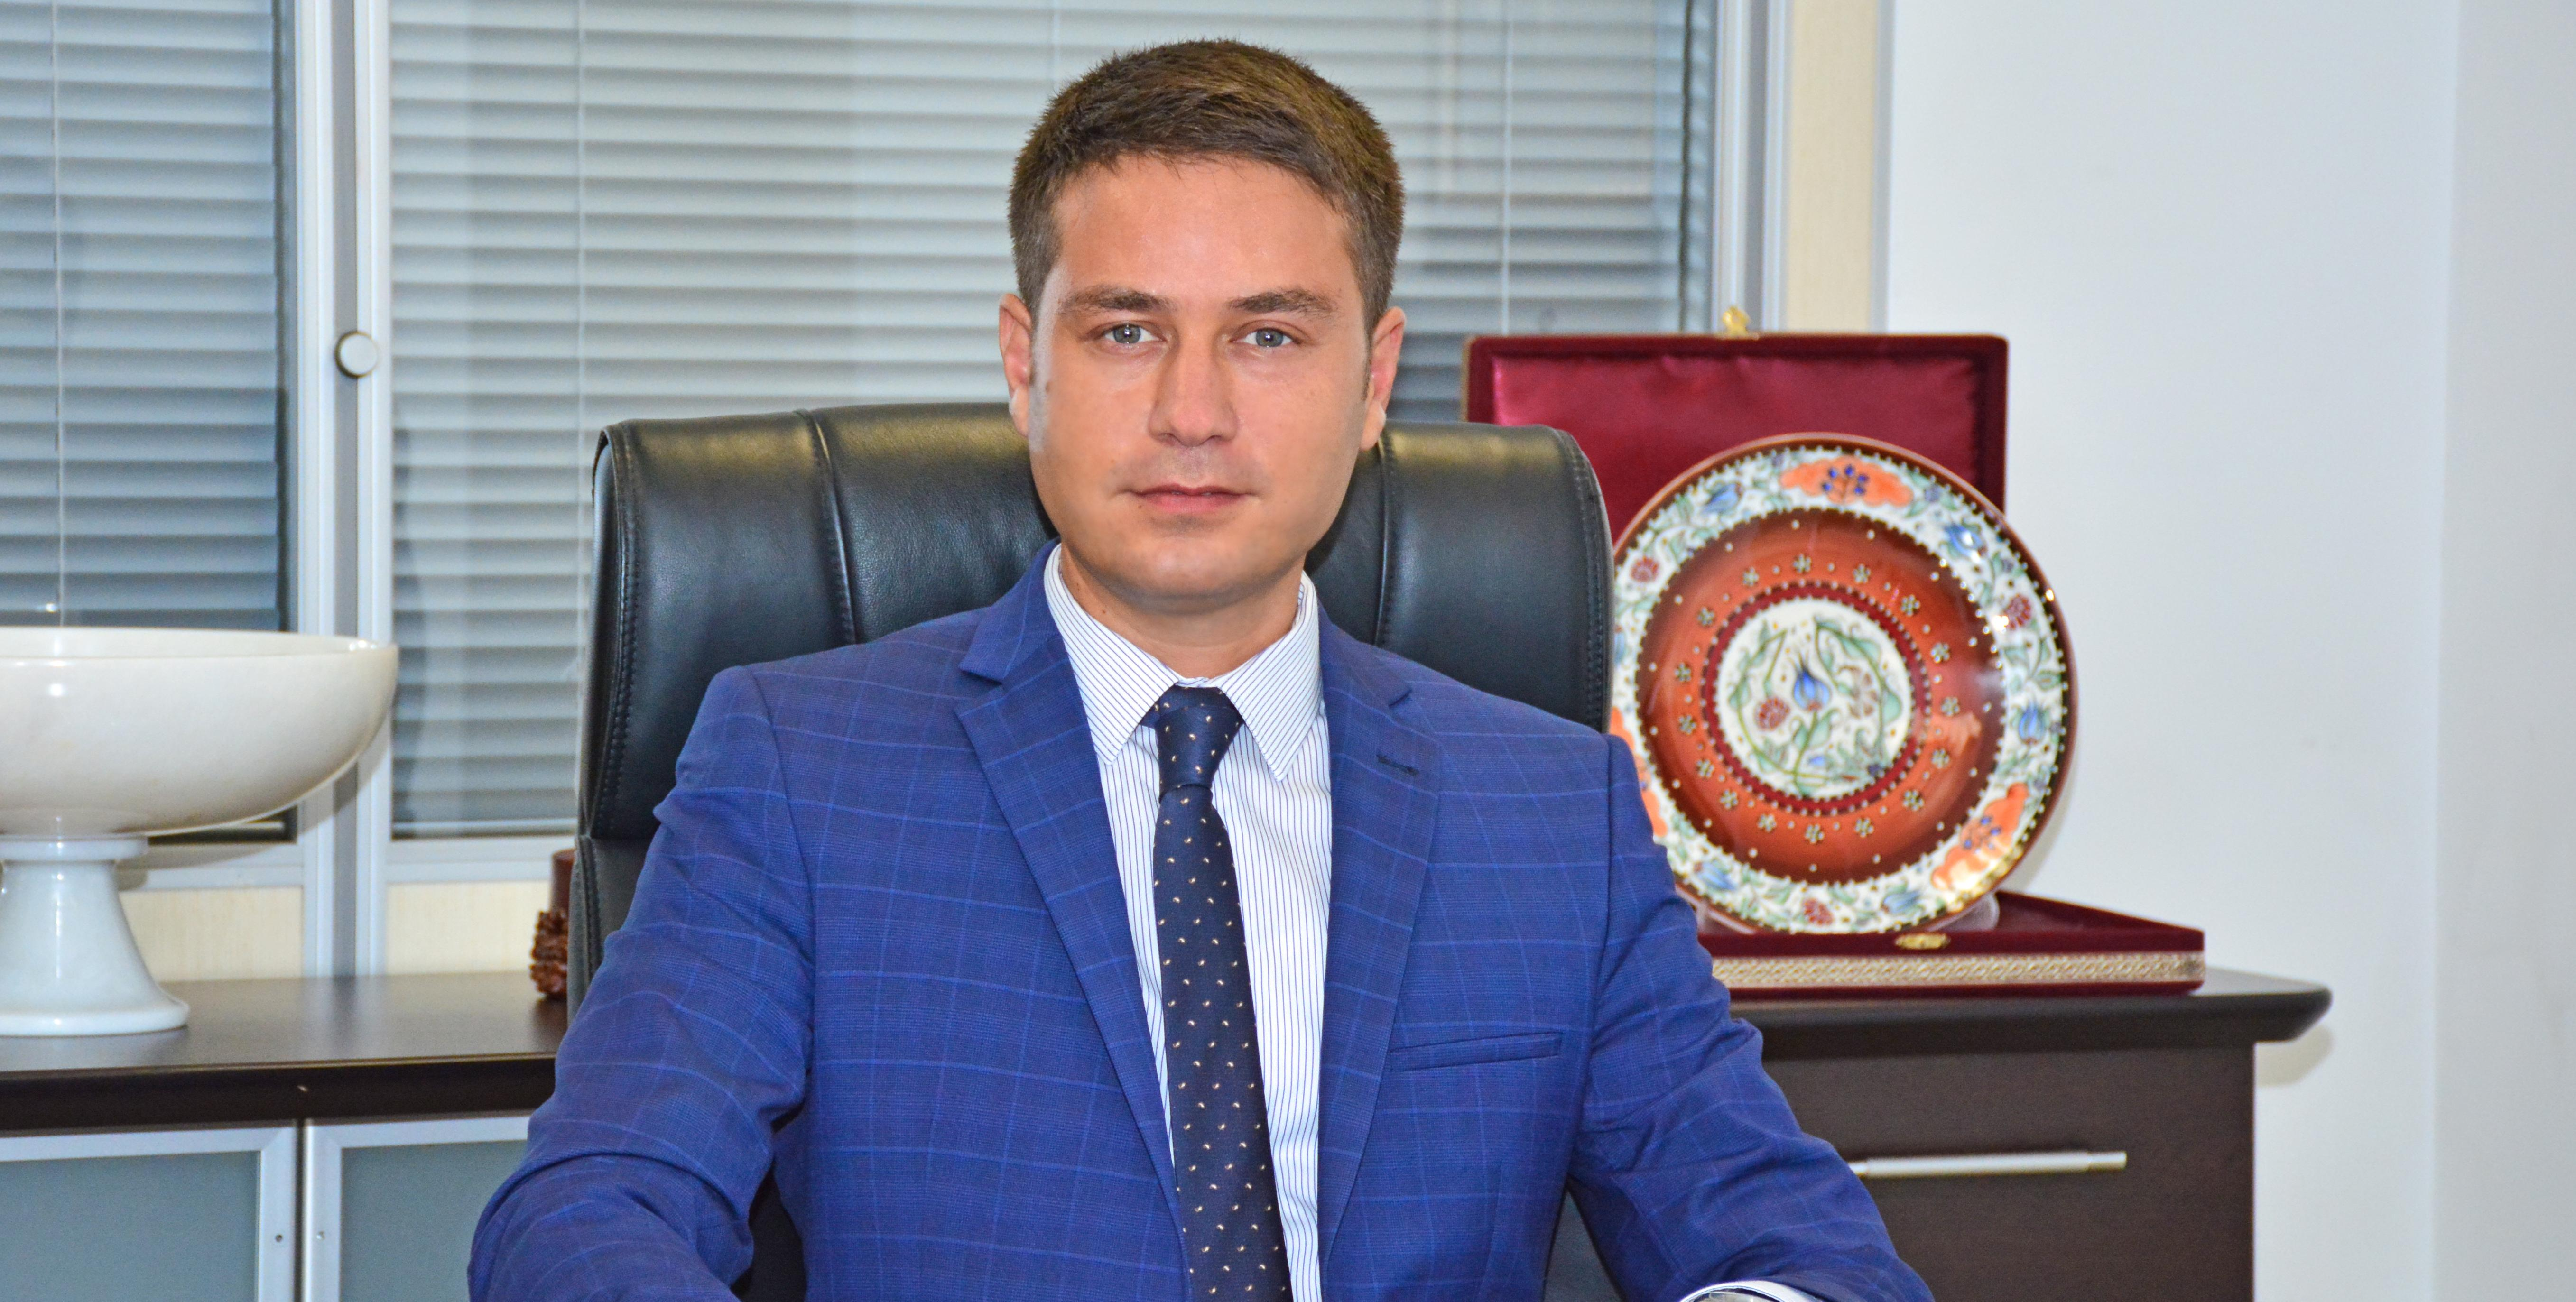 Ayın AVM Müdürü: İskender Turhan